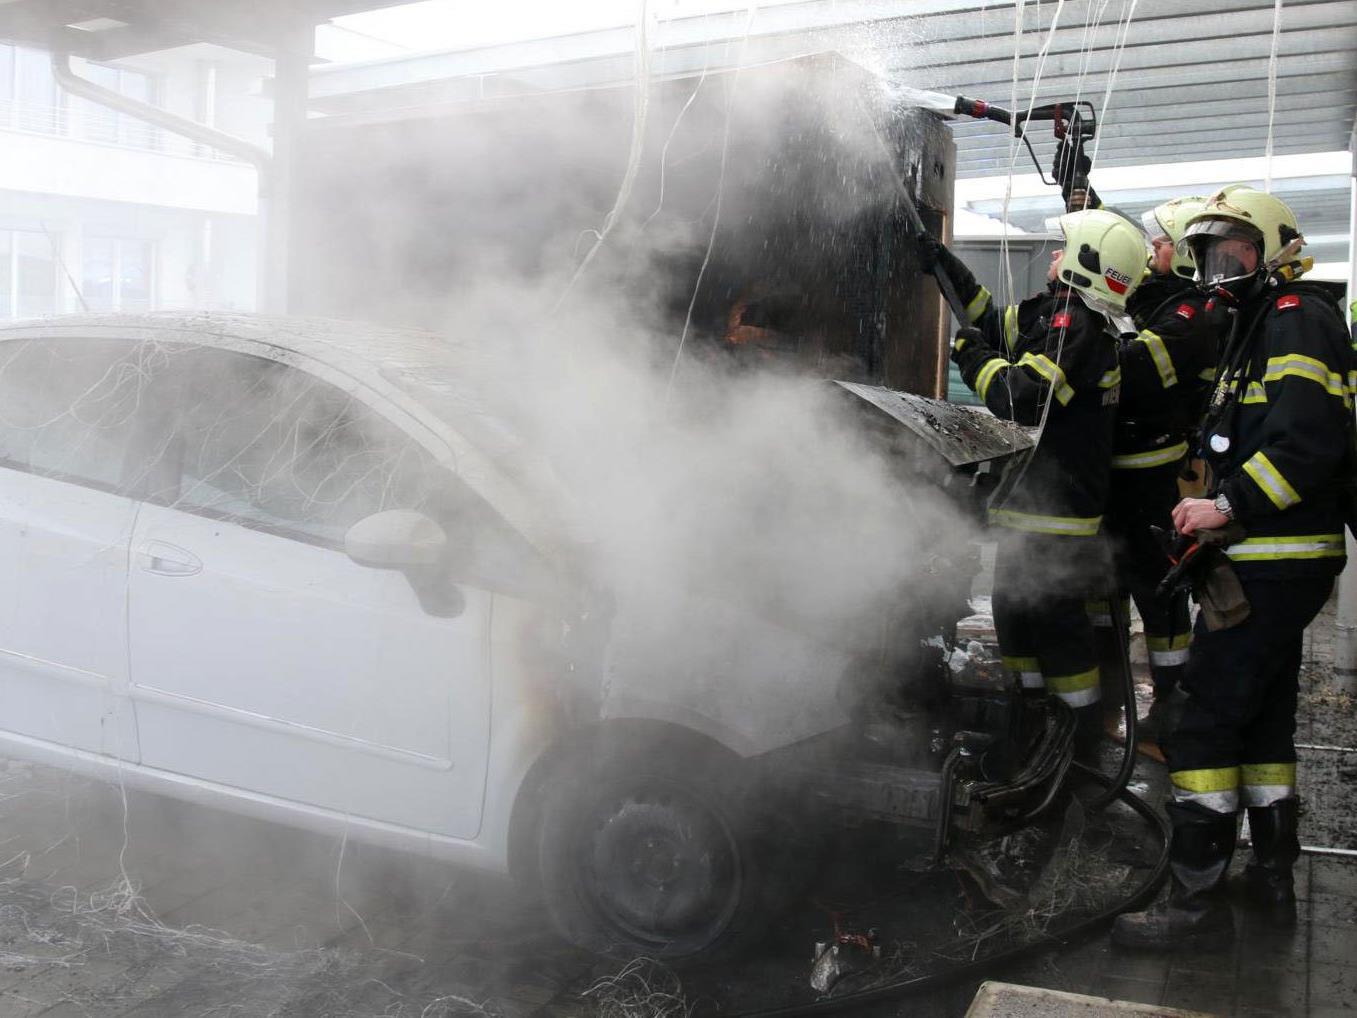 Warum das Auto unter den Carport zu brennen begann, ist unklar.